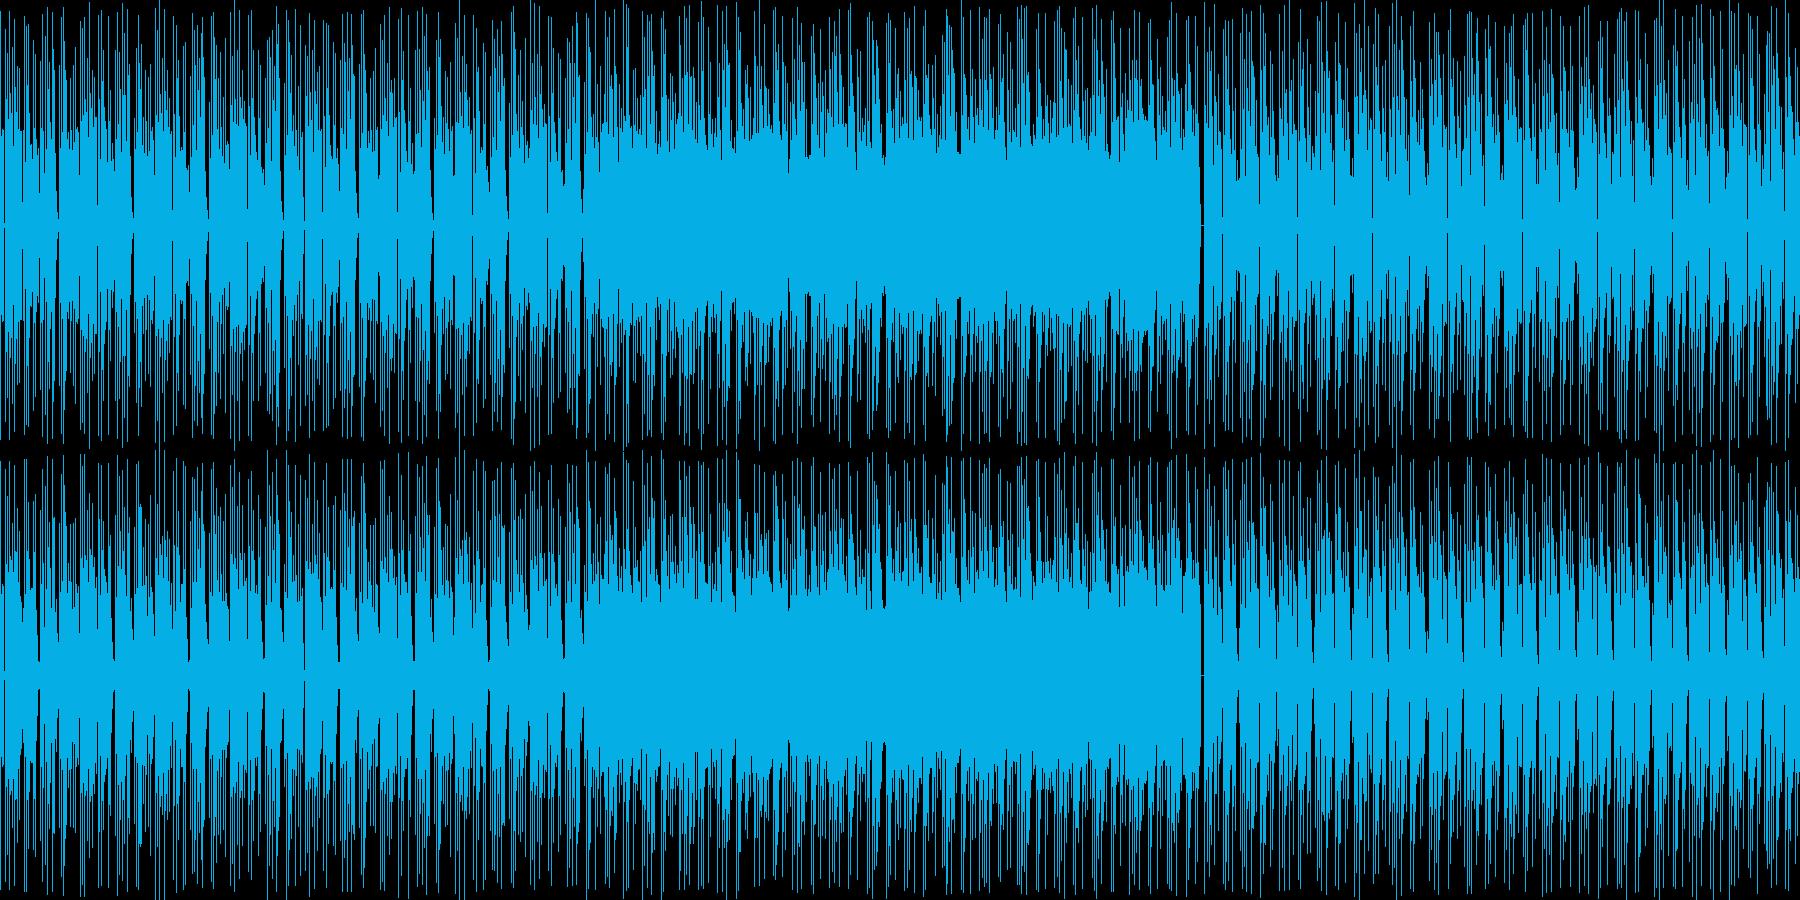 【浮遊感のあるポップス・エレクトロニカ】の再生済みの波形